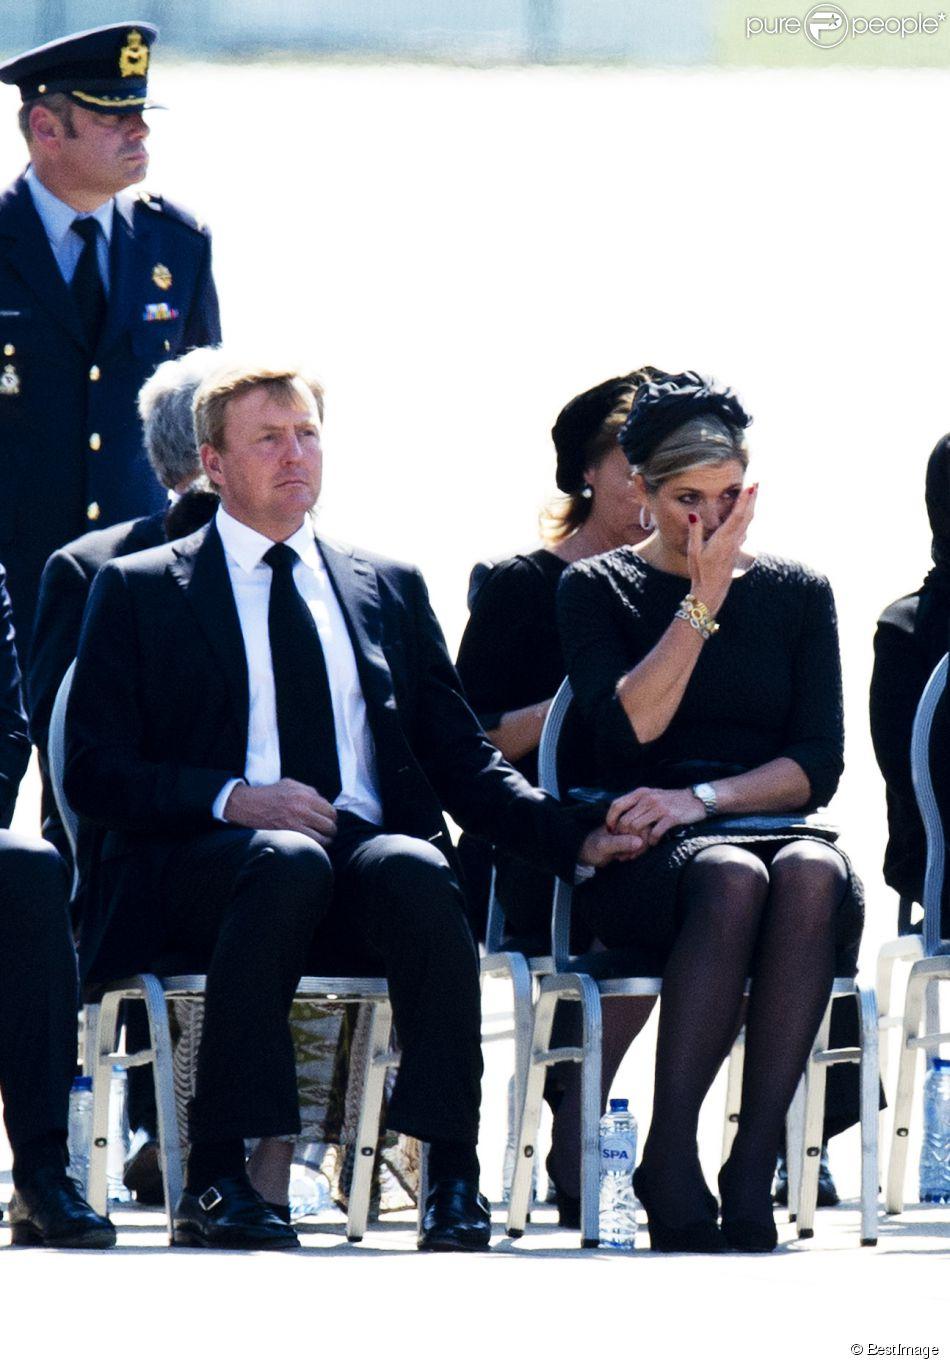 Le roi Willem-Alexander et la reine Maxima des Pays-Bas, particulièrement bouleversés et se soutenant mutuellement, le Premier ministre Mark Rutte et de nombreuses familles endeuillées ont assisté mercredi 23 juillet 2014 au rapatriement d'une quarantaine de cercueils contenant les dépouilles de victimes du vol MH17 de la Malaysian Airlines, à l'aéroport d'Eindhoven.